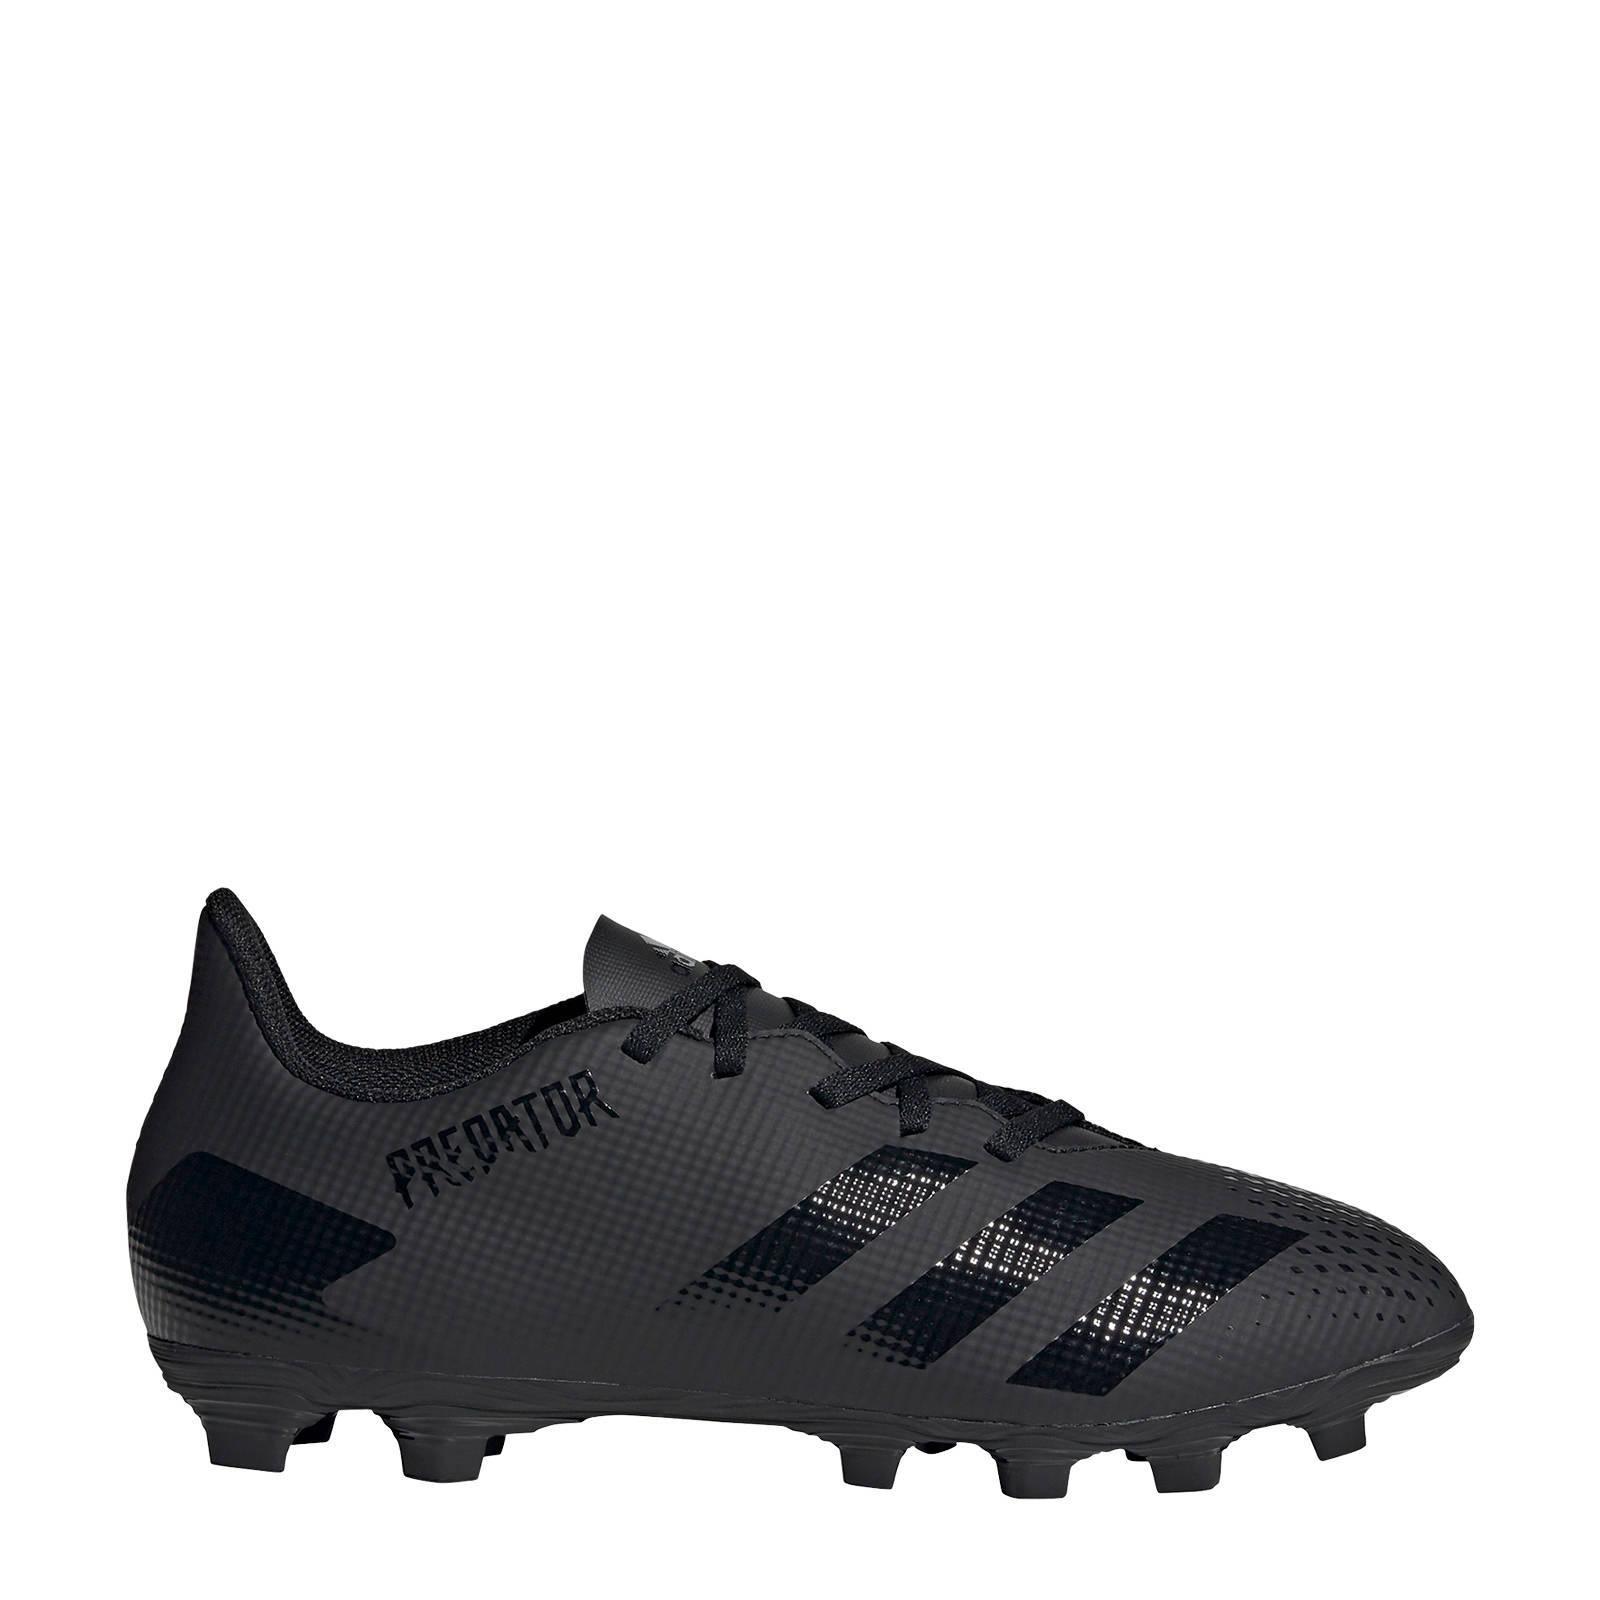 adidas voetbalschoenen bij wehkamp Gratis bezorging vanaf 20.